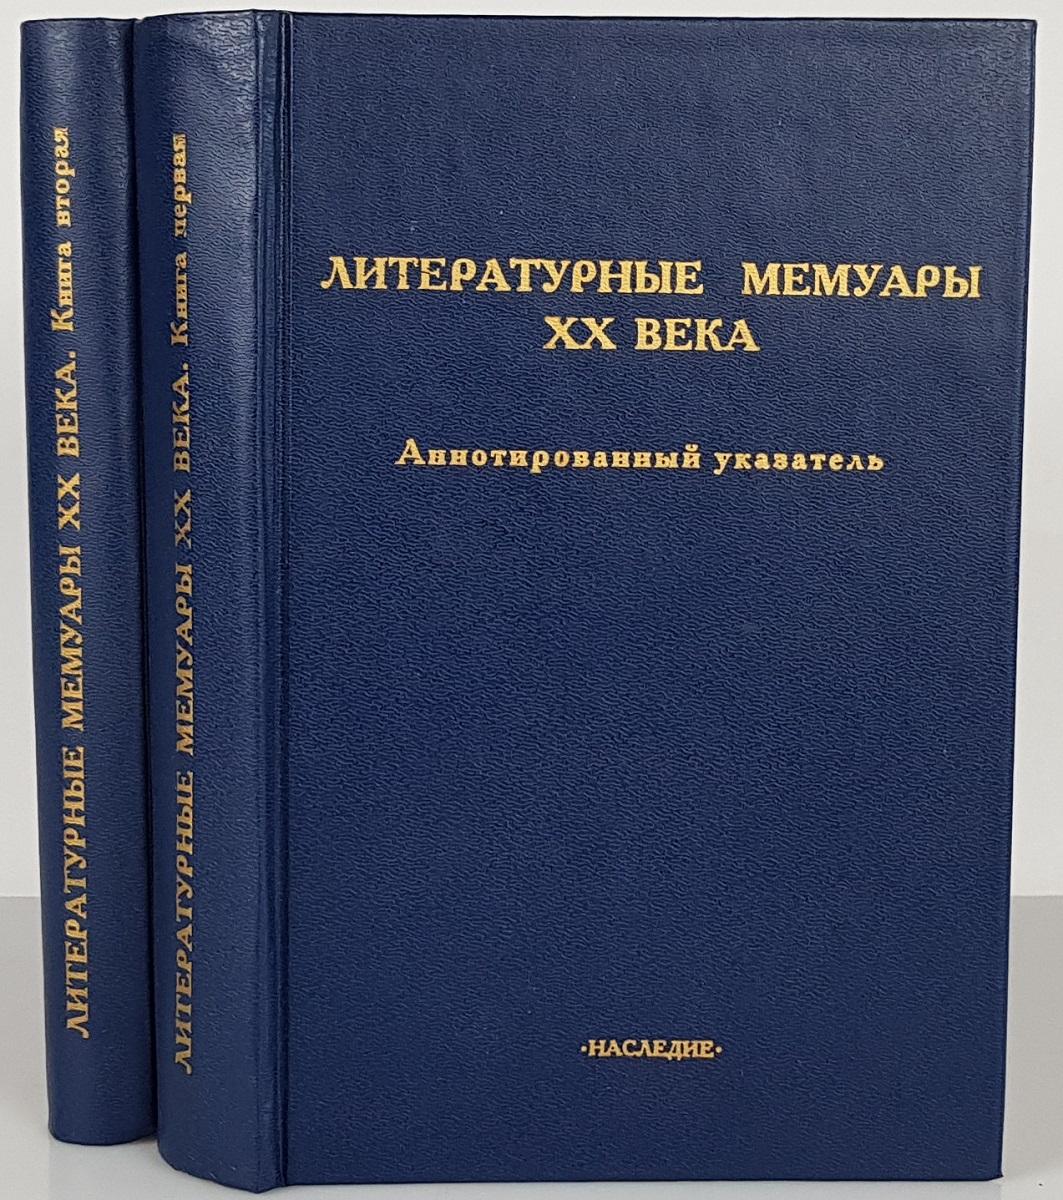 Литературные мемуары XX века. Аннотированный указатель (комплект из 2 книг)